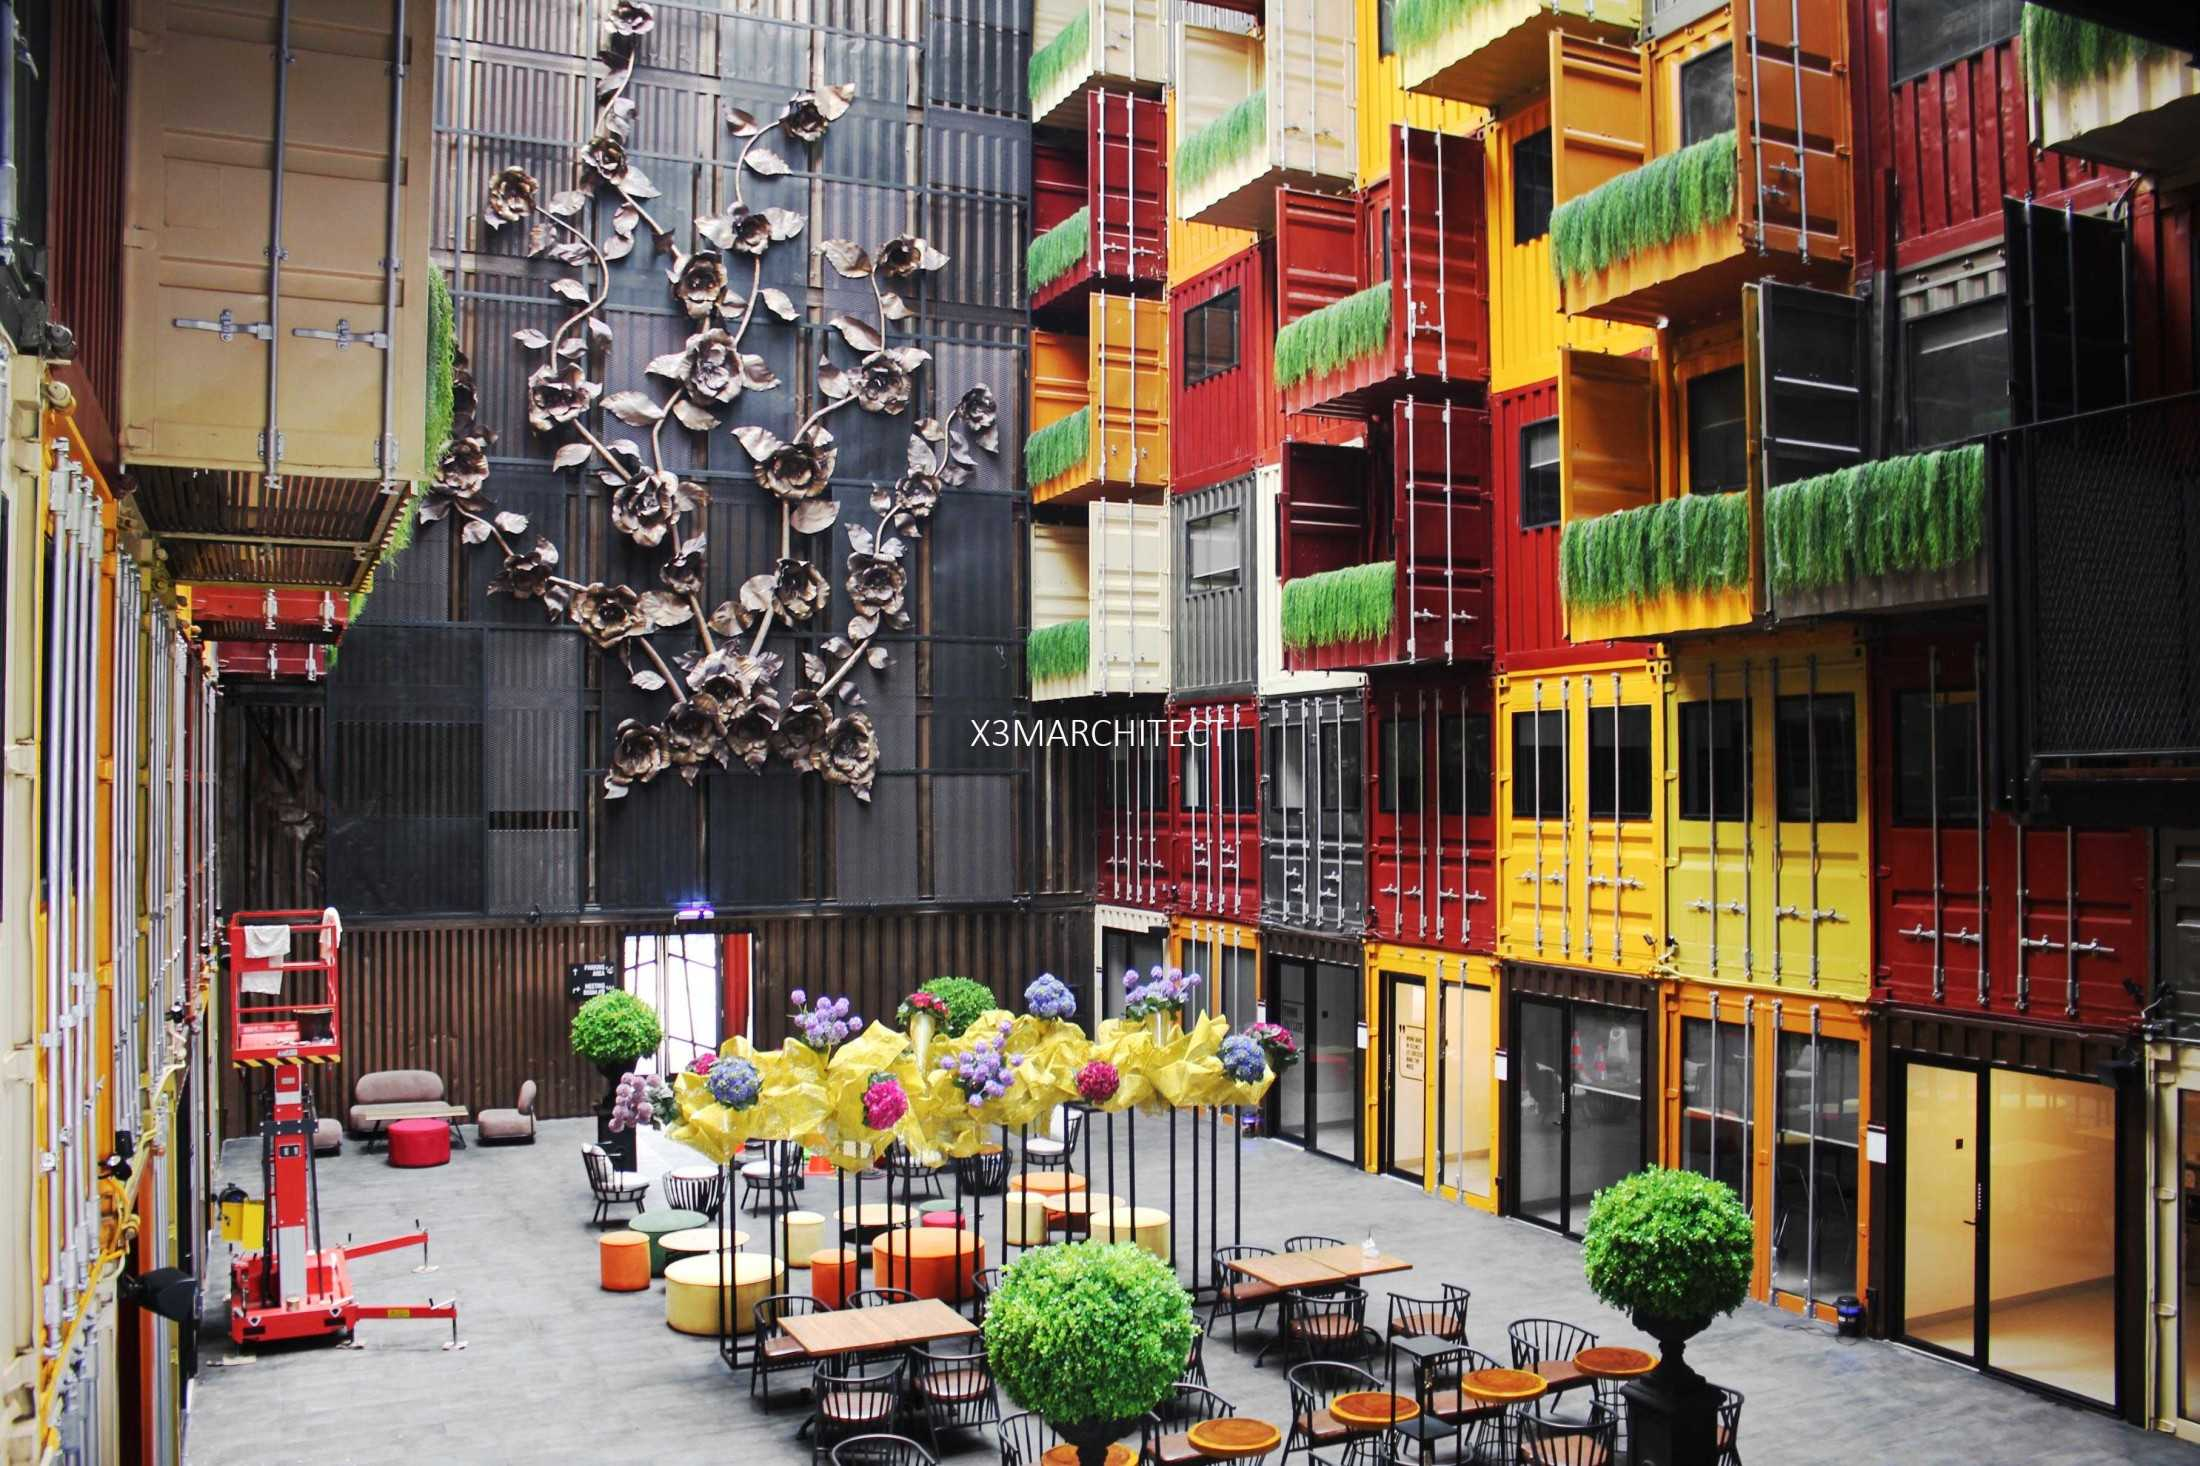 X3M Architects Qubika Hotel Medang, Kec. Pagedangan, Tangerang, Banten 15334, Indonesia Medang, Kec. Pagedangan, Tangerang, Banten 15334, Indonesia X3M-Architects-Qubika-Hotel  94825